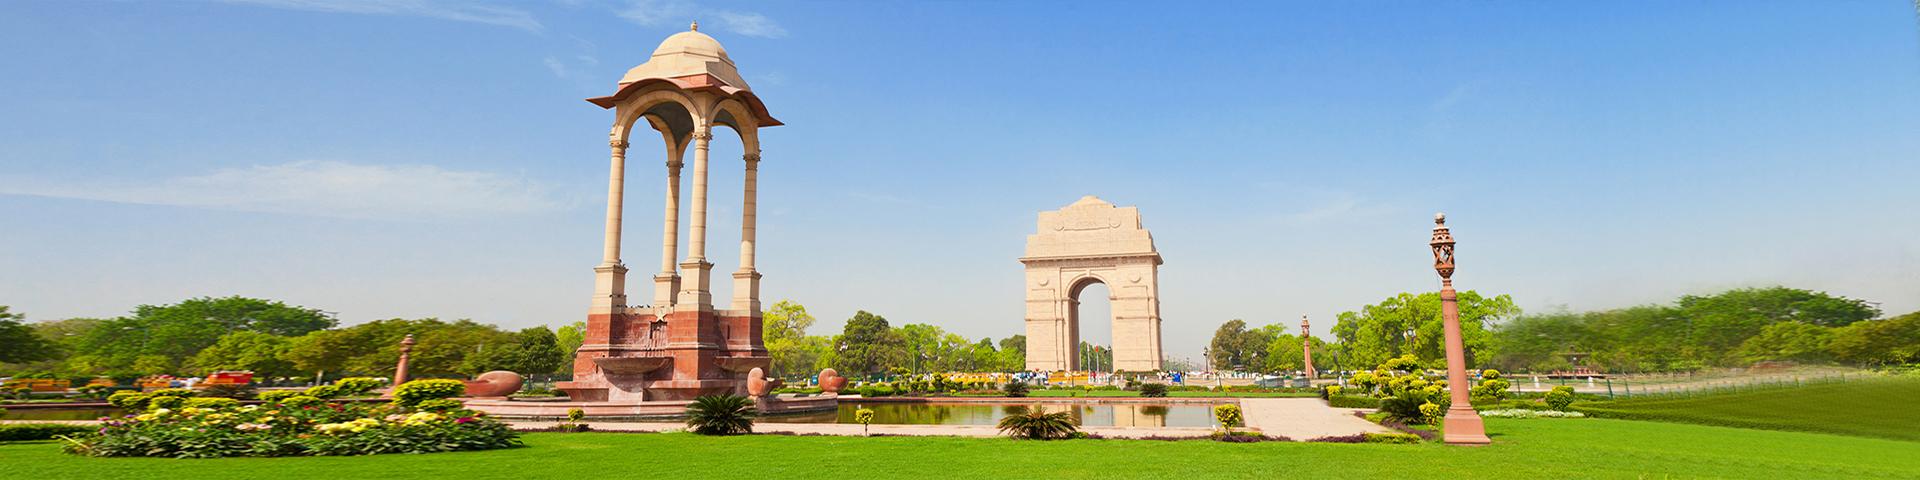 تورهای هند همیشه سفر